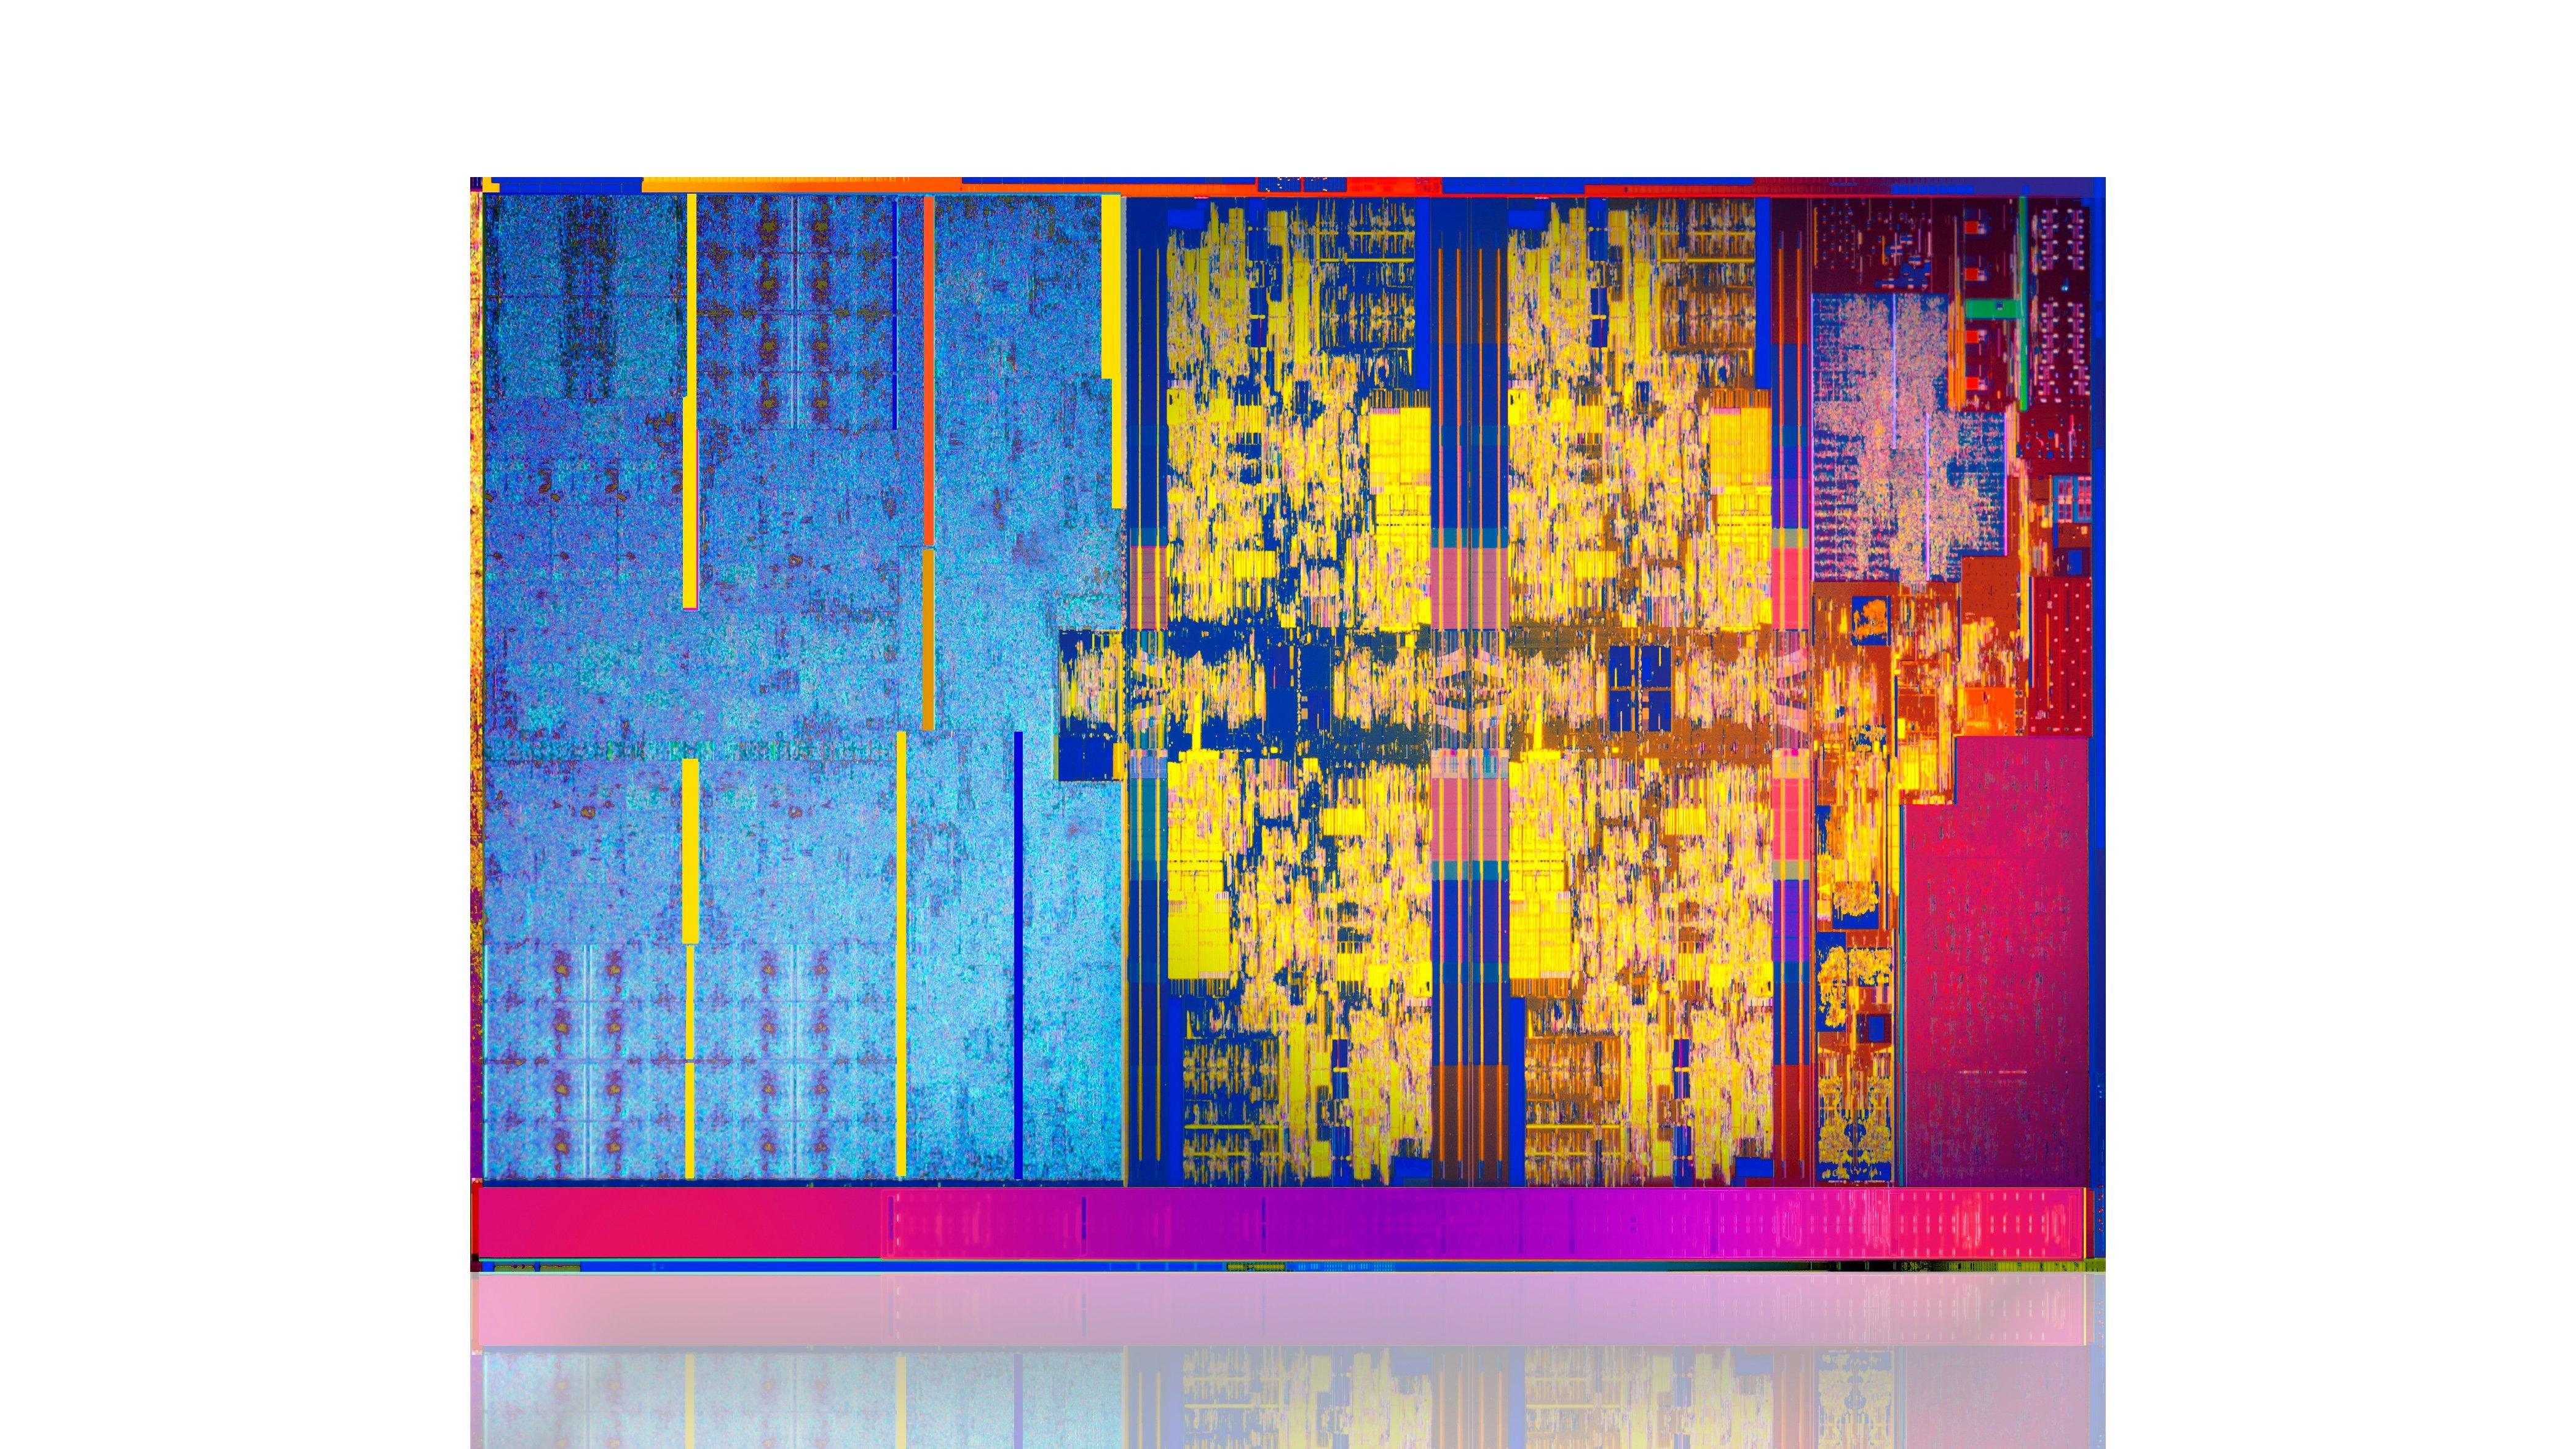 Intel_Kaby_Lake_CPU_die.jpg